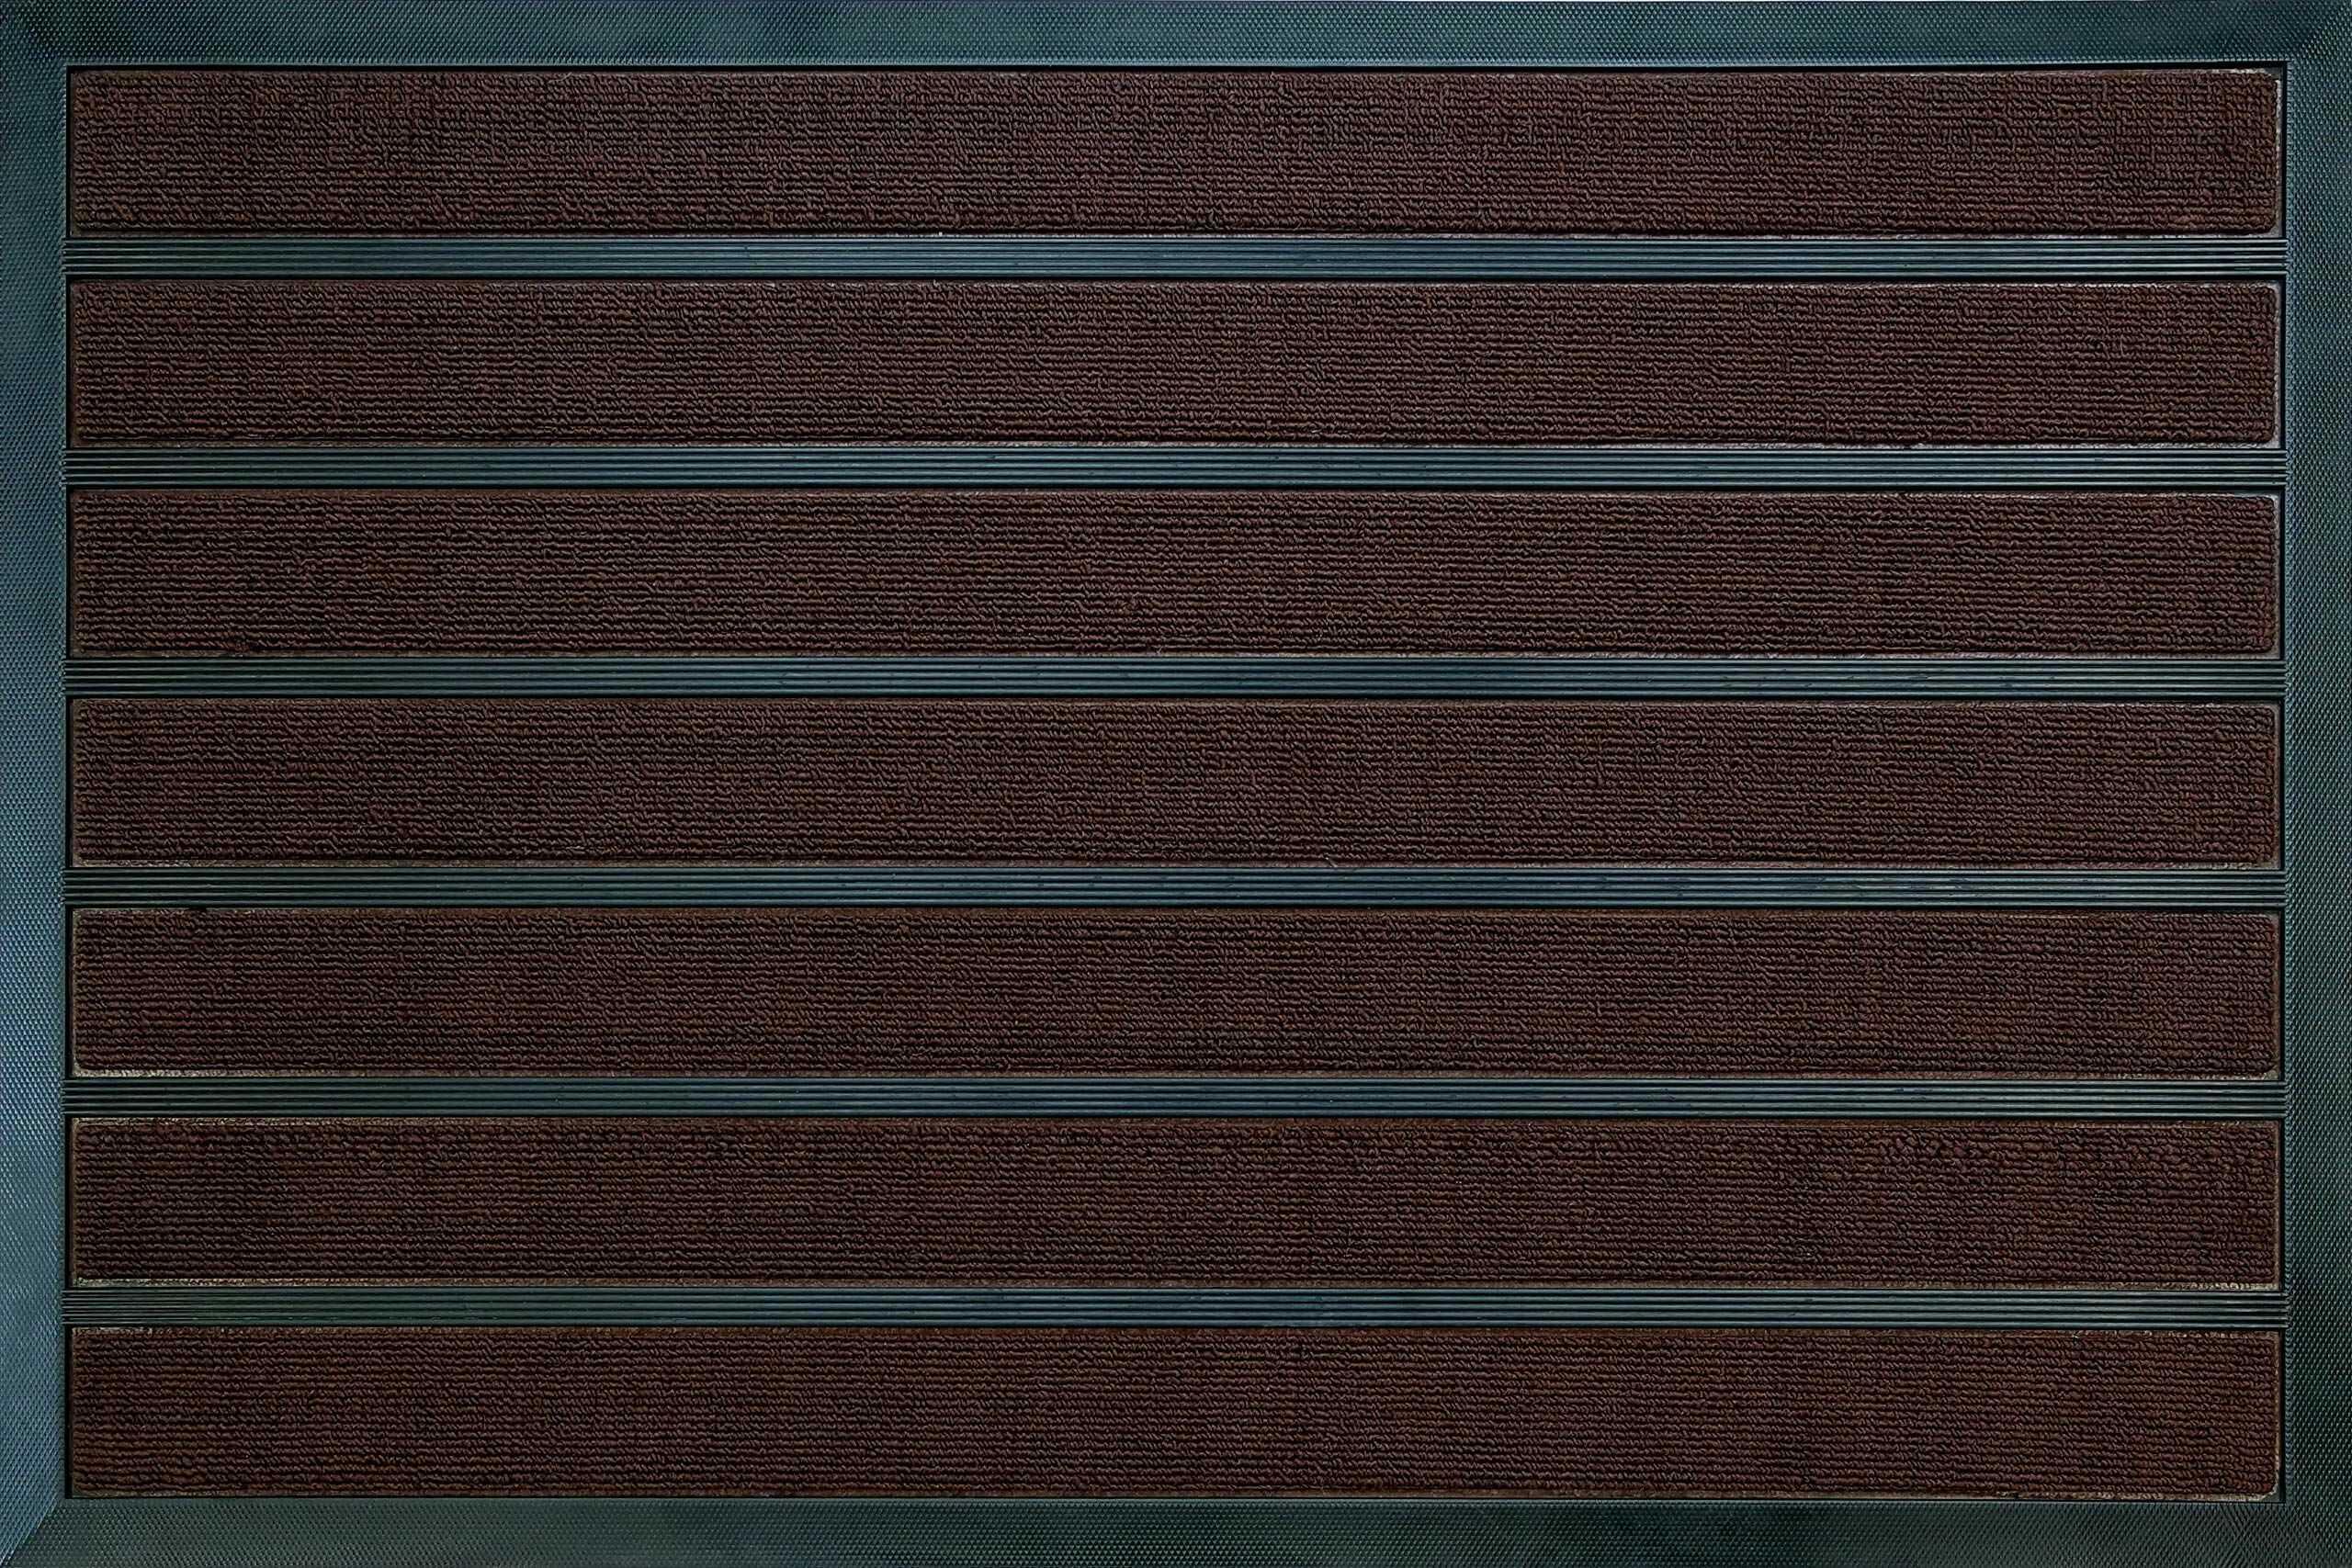 ID mat 609010 combi'' chłonny dywan wycieraczka z włókien polipropylenowych/PVC brązowy 80 x 60 x 1,1 cm